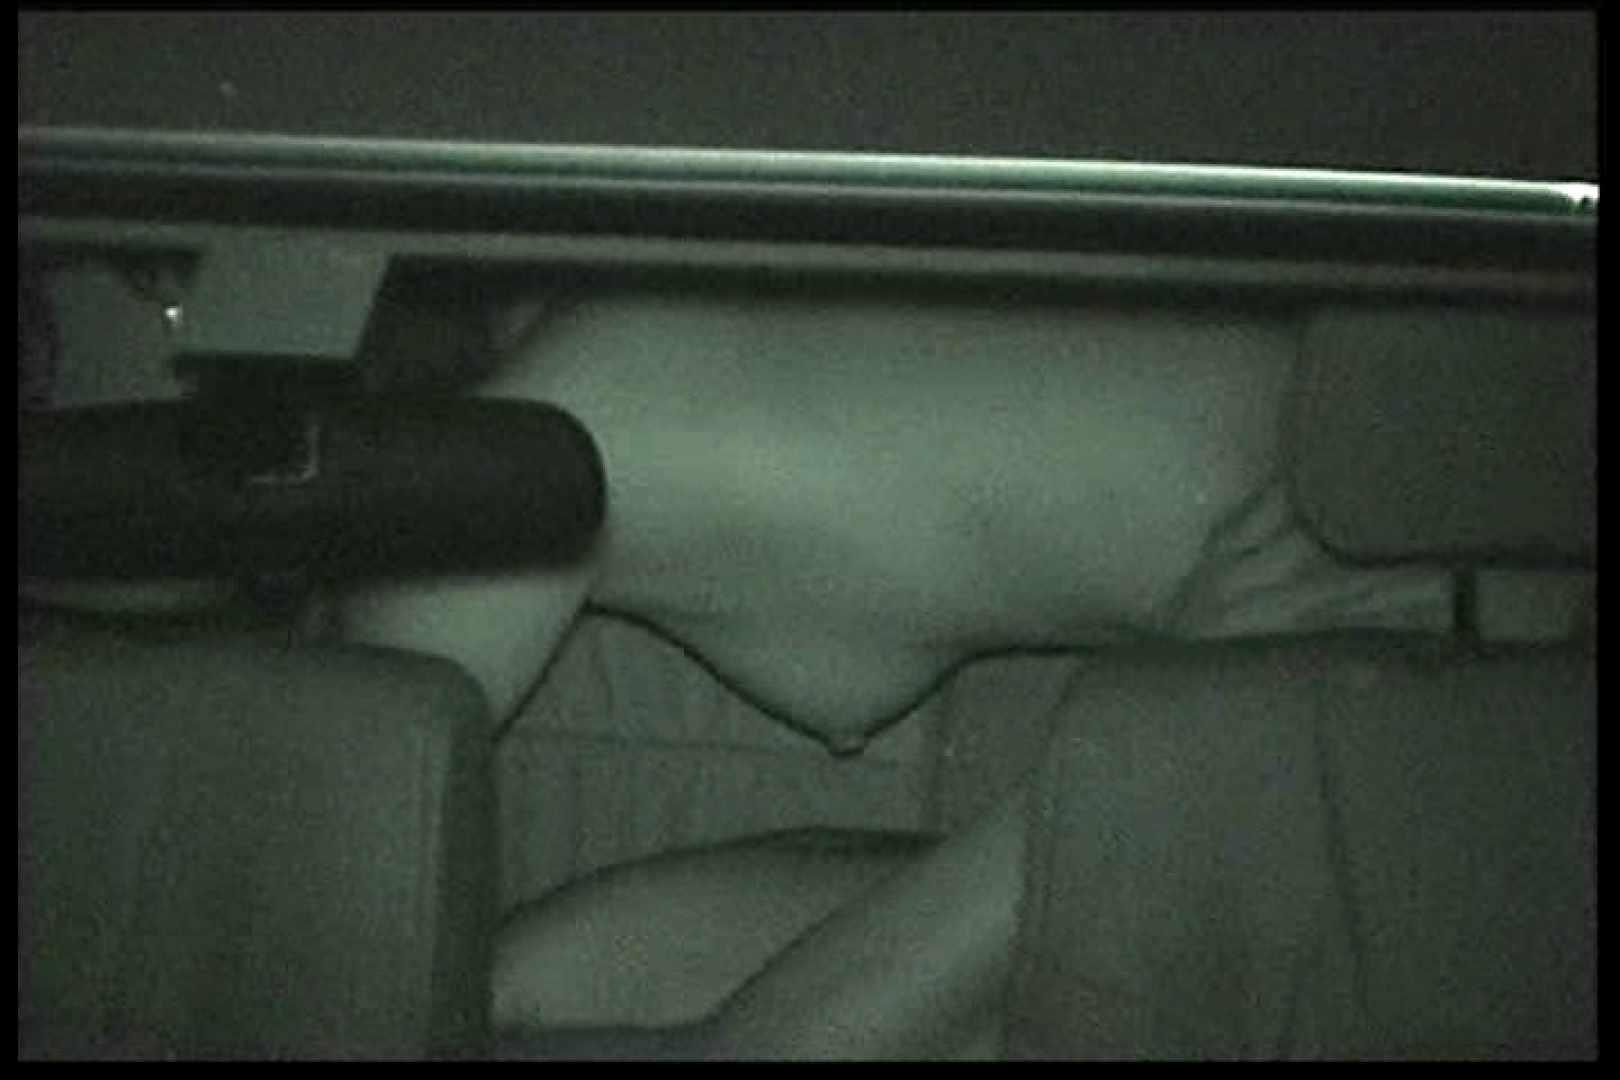 車の中はラブホテル 無修正版  Vol.14 ホテルでエッチ  87pic 48